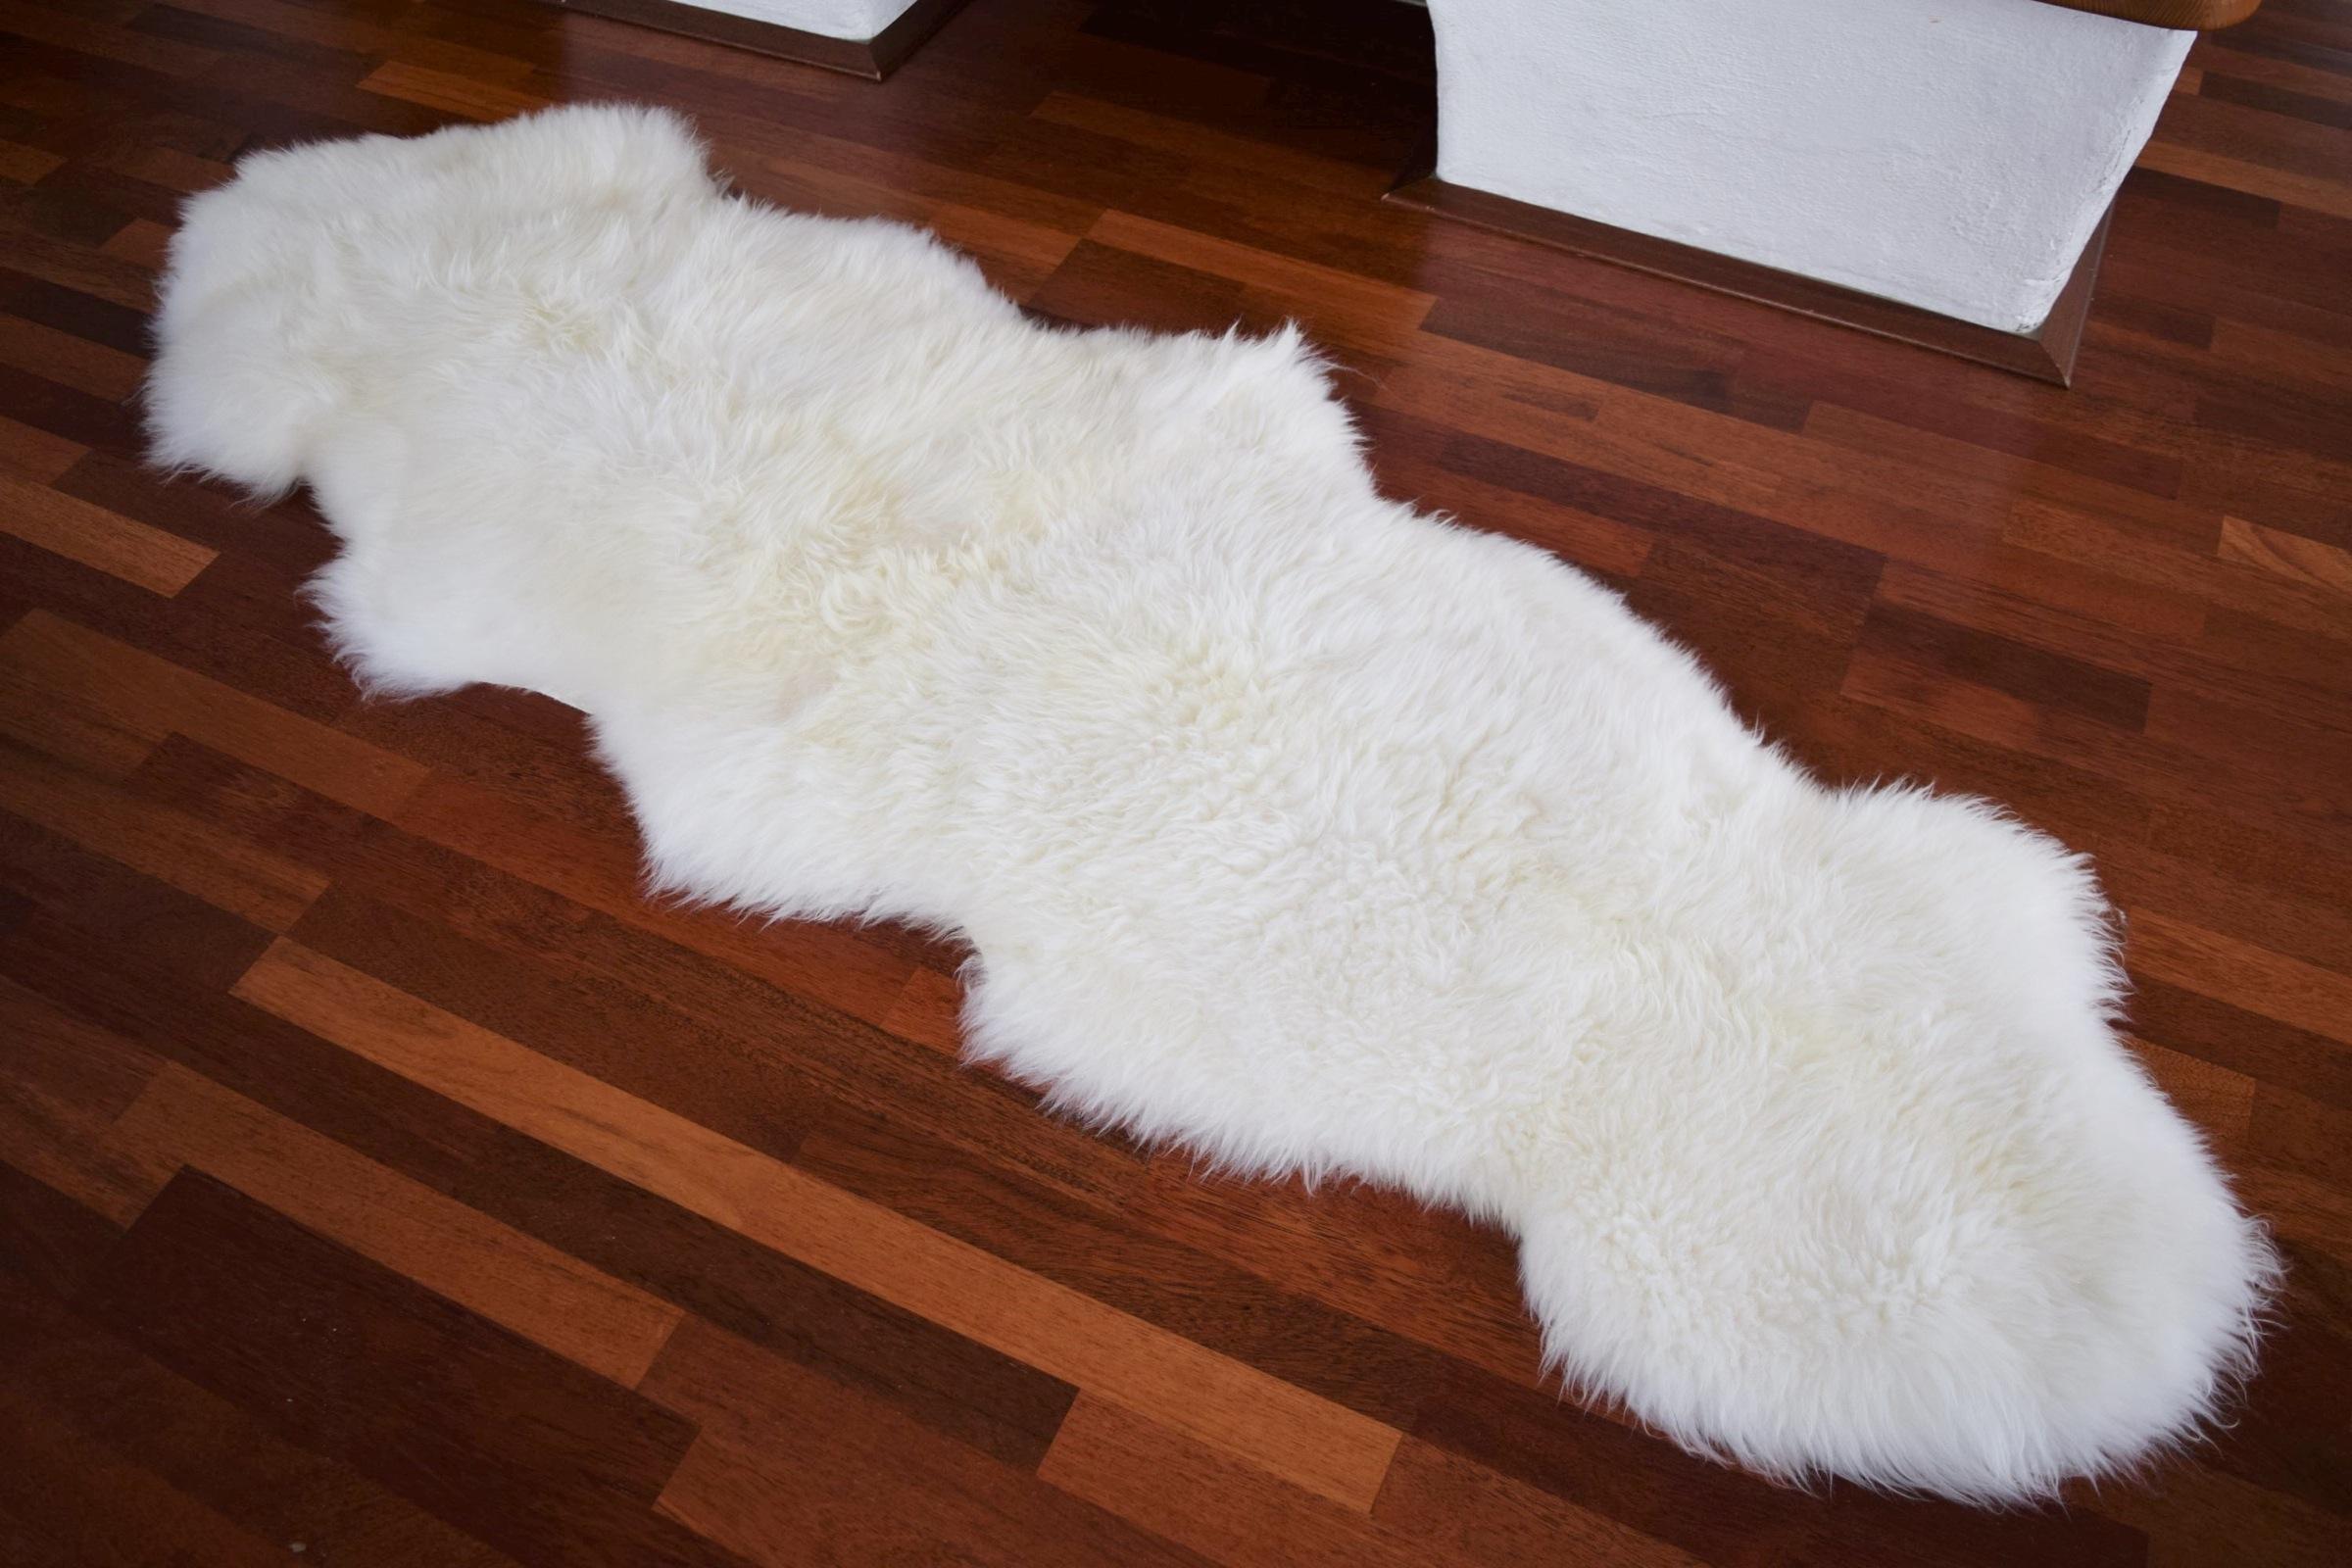 naturasan doppel schaffell aus europa duo wollwei fellteppiche naturasan fellshop. Black Bedroom Furniture Sets. Home Design Ideas